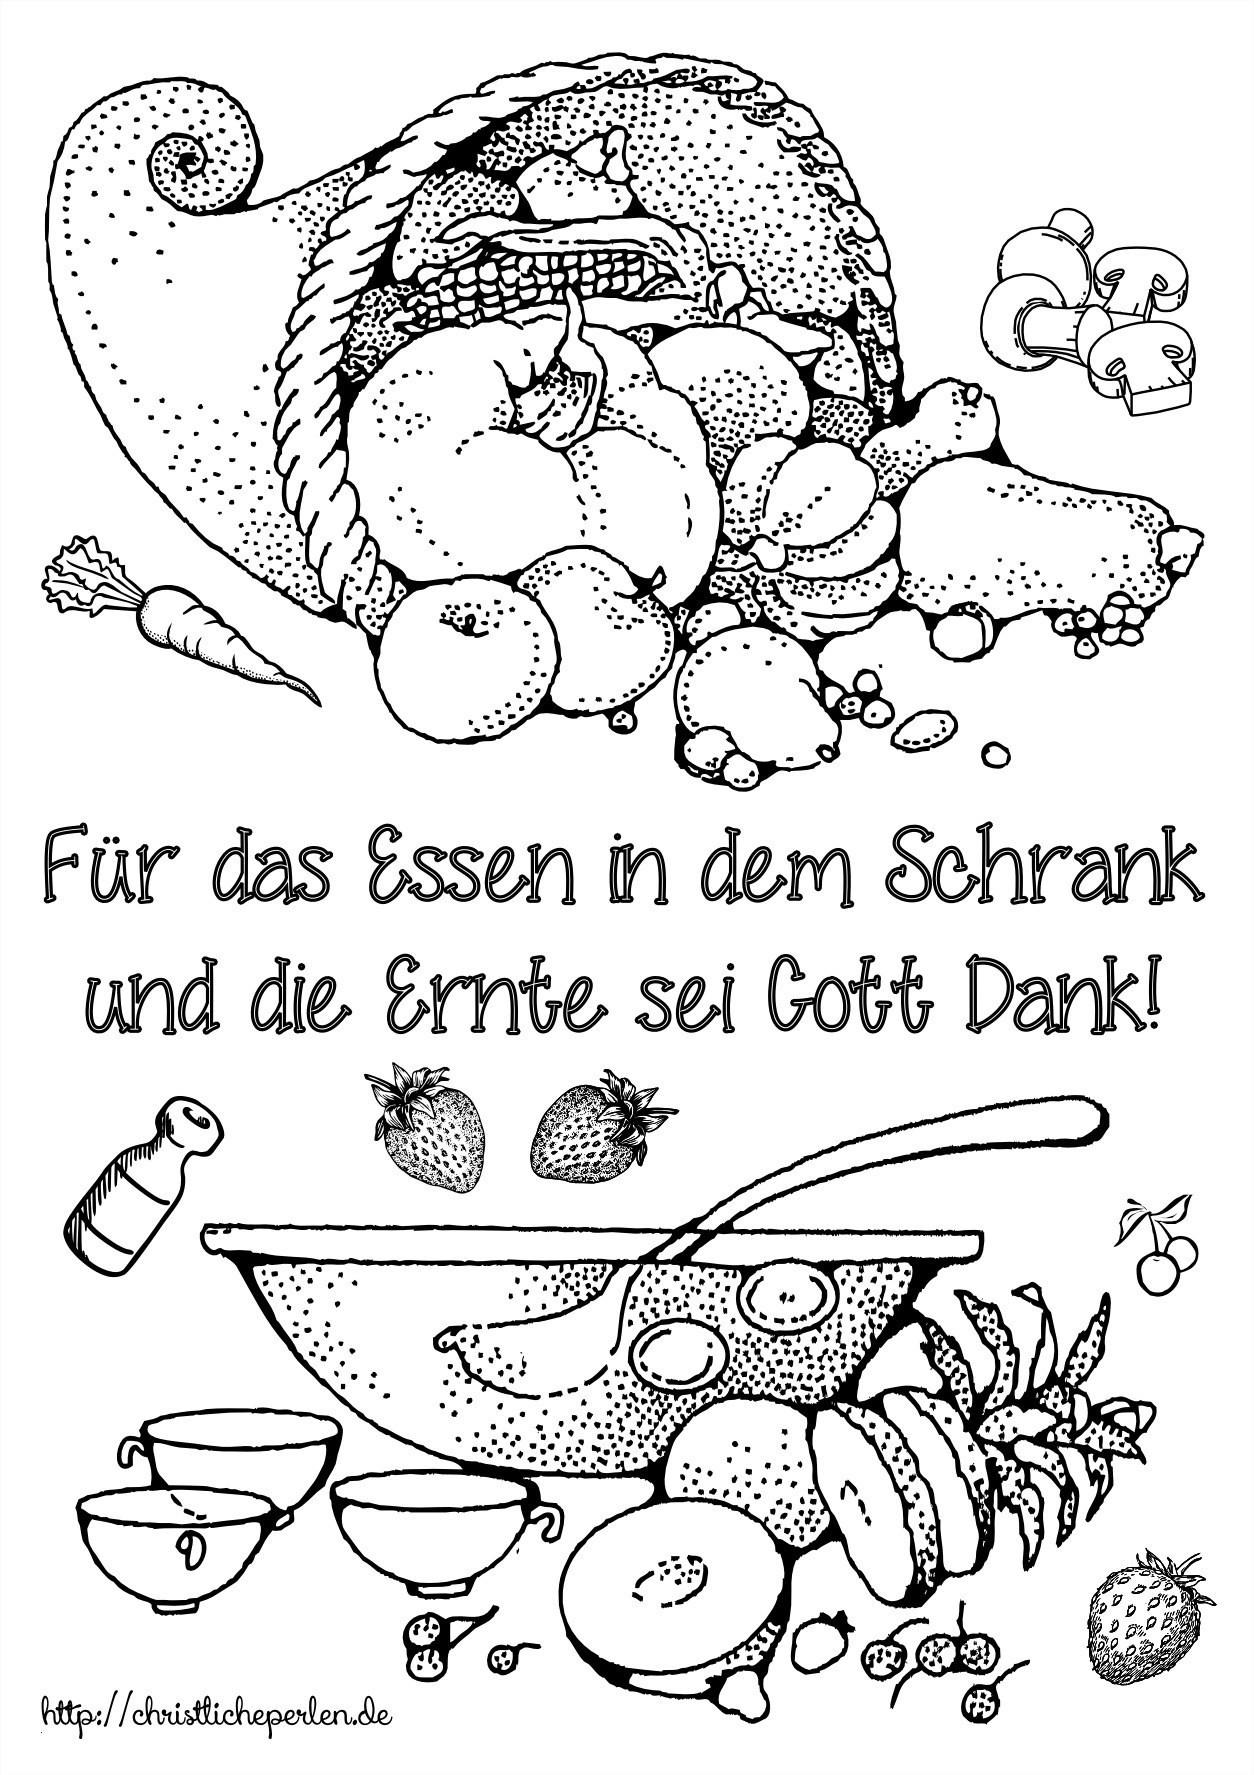 Ausmalbilder Fc Bayern Genial Ausmalbilder Schule Kostenlos Einzigartig Bayern Ausmalbilder Frisch Fotos